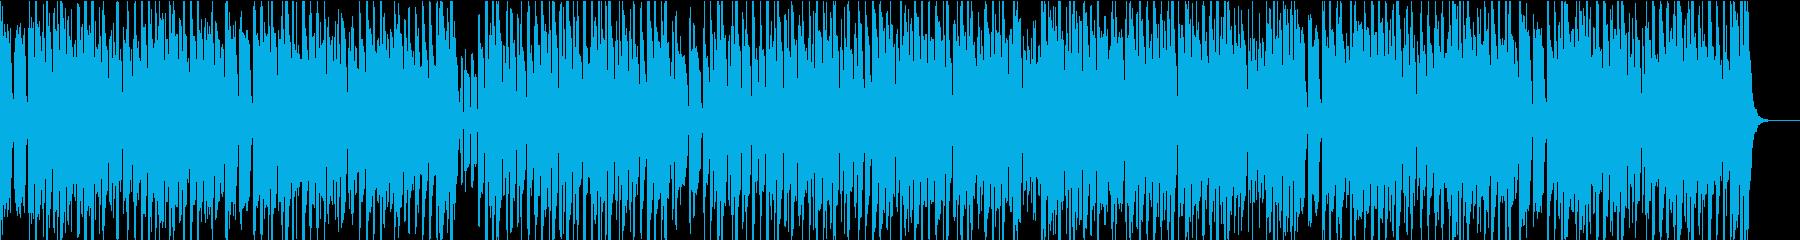 うきうきしたコミカルな南国イメージの再生済みの波形